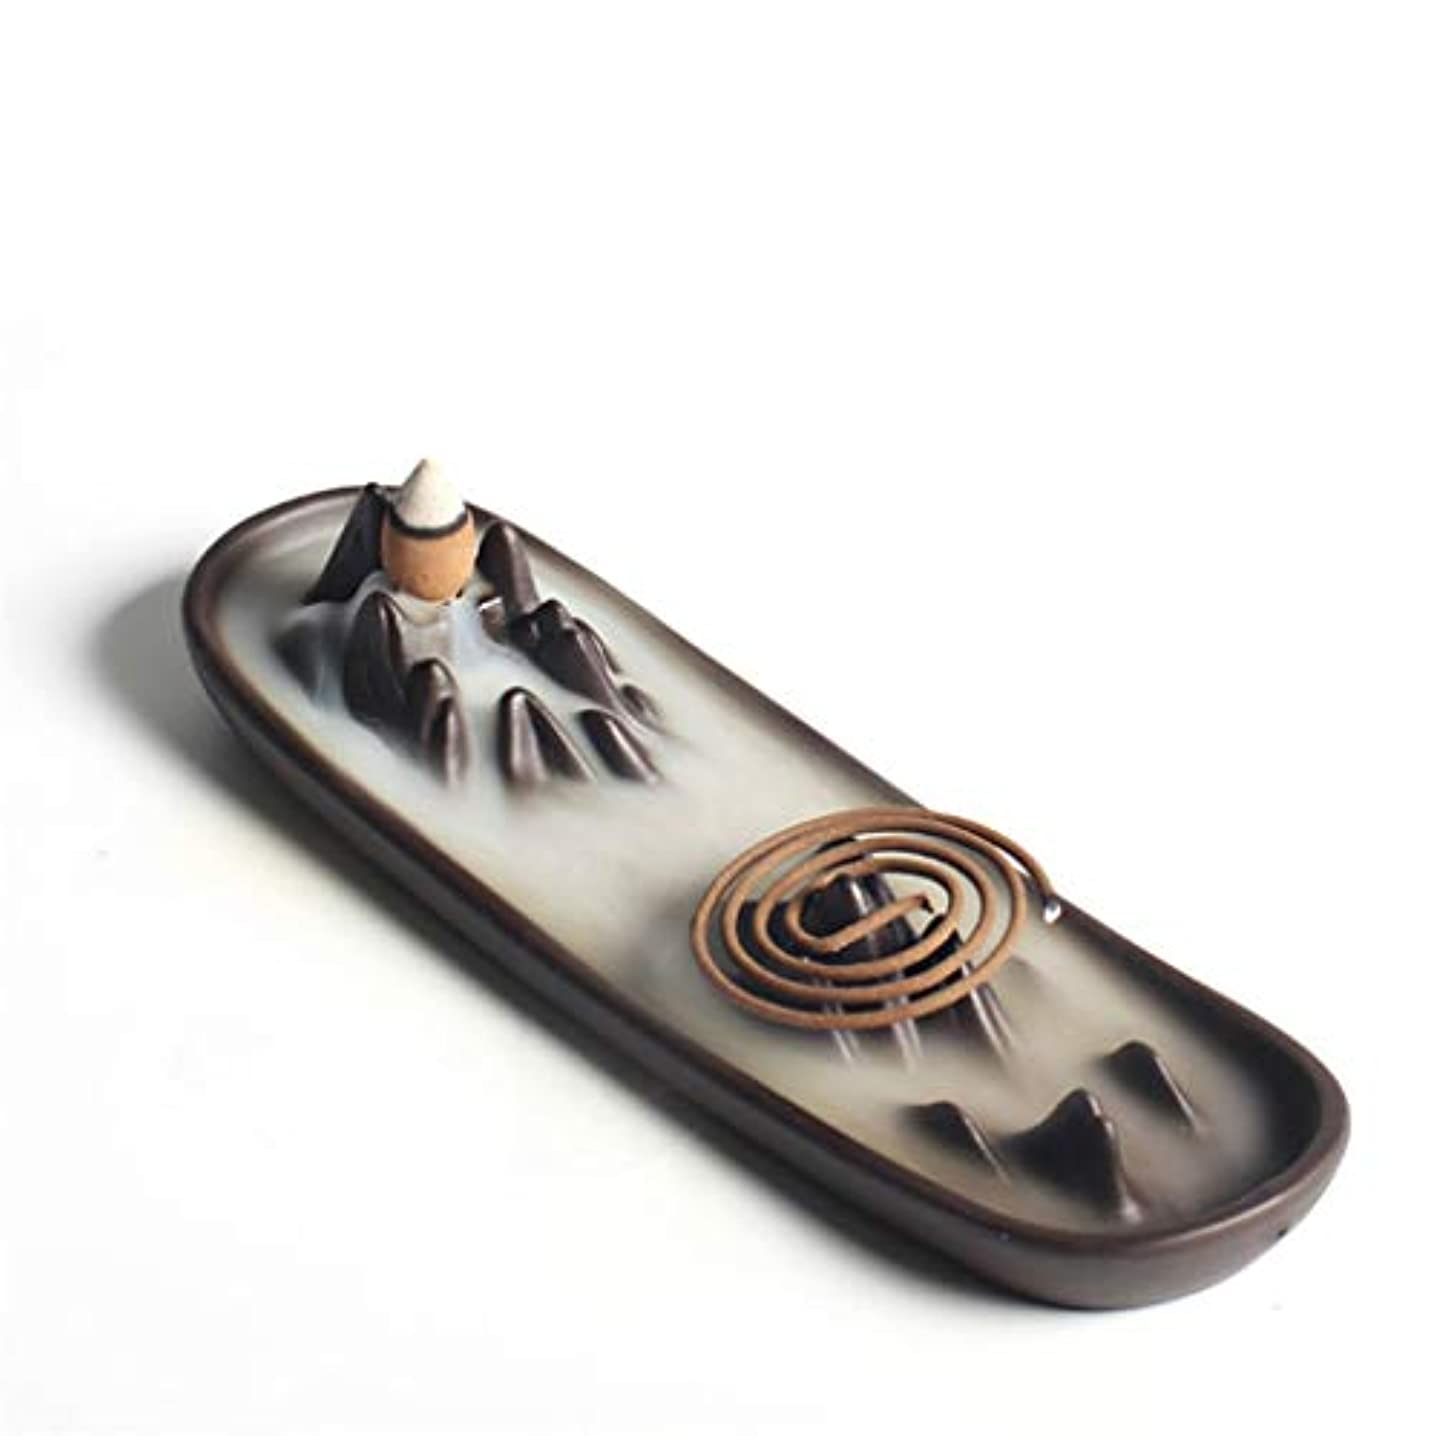 転用毛皮交通渋滞ホームアロマバーナー 逆流香バーナー家の装飾セラミックアロマセラピー仏教の滝香炉香コイルスティックホルダー 芳香器アロマバーナー (Color : A)